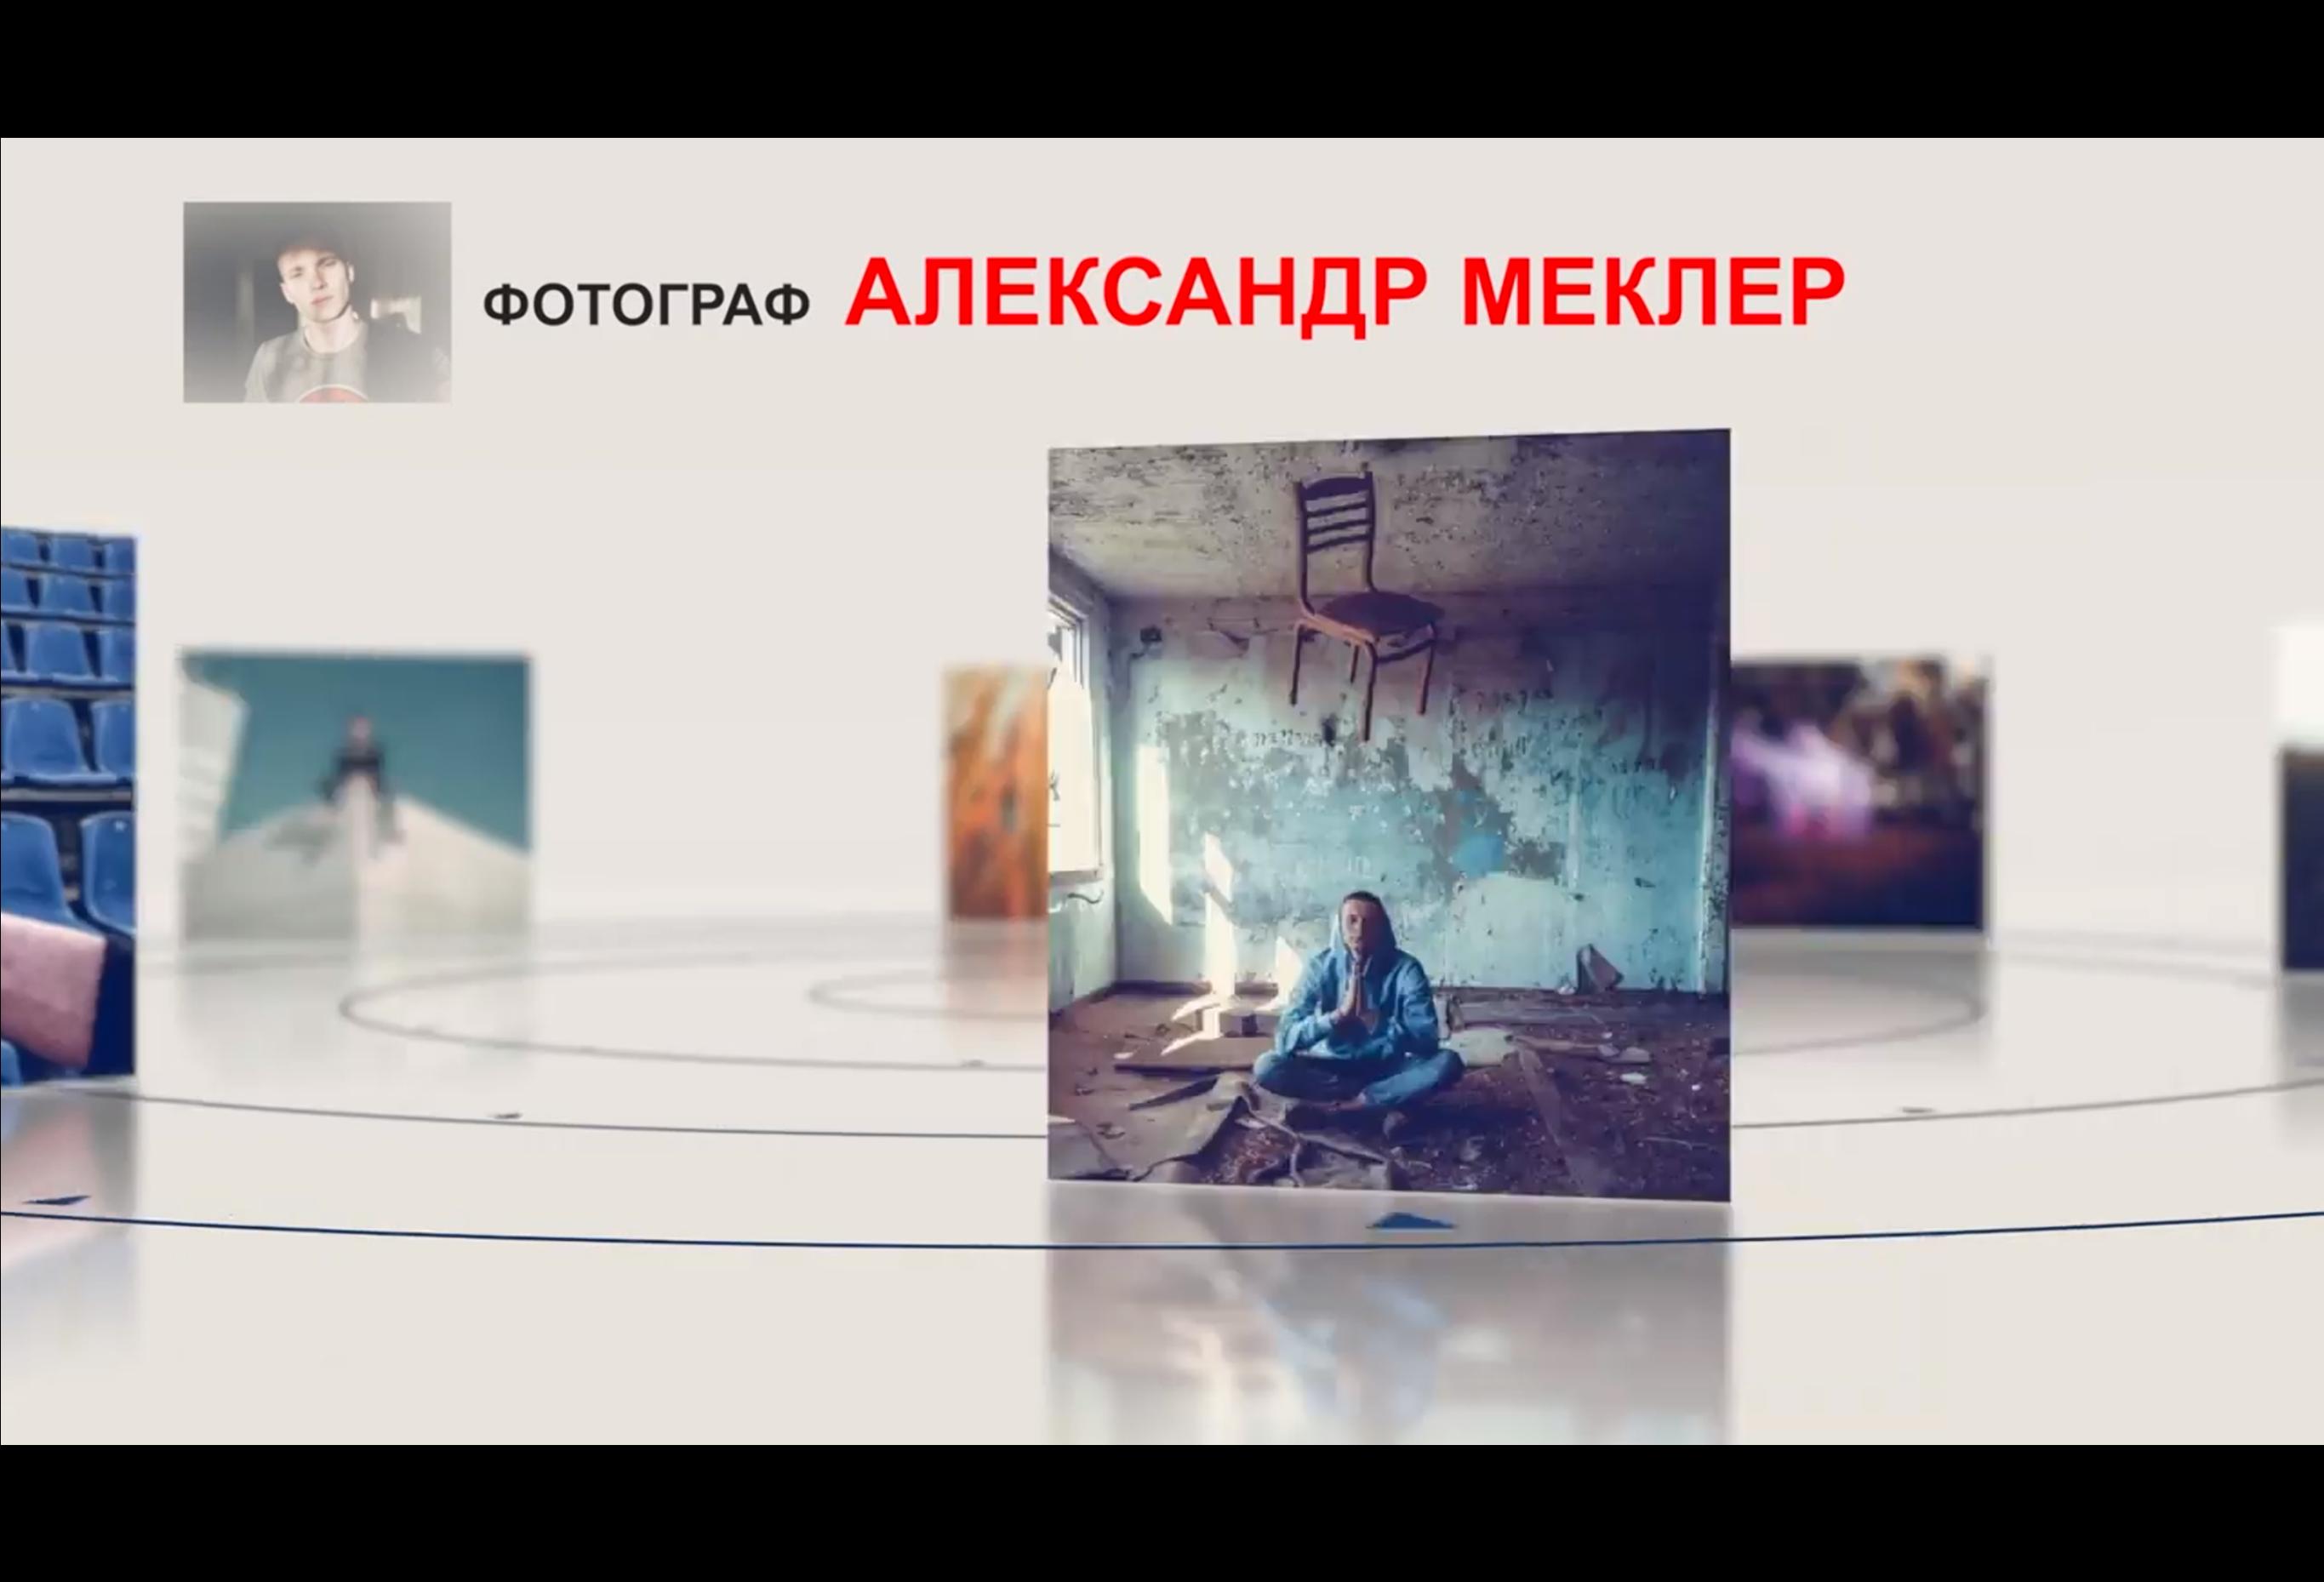 Статья. Полина Масленкова «Как фотографировать на телефон. Полезные уроки» post thumbnail